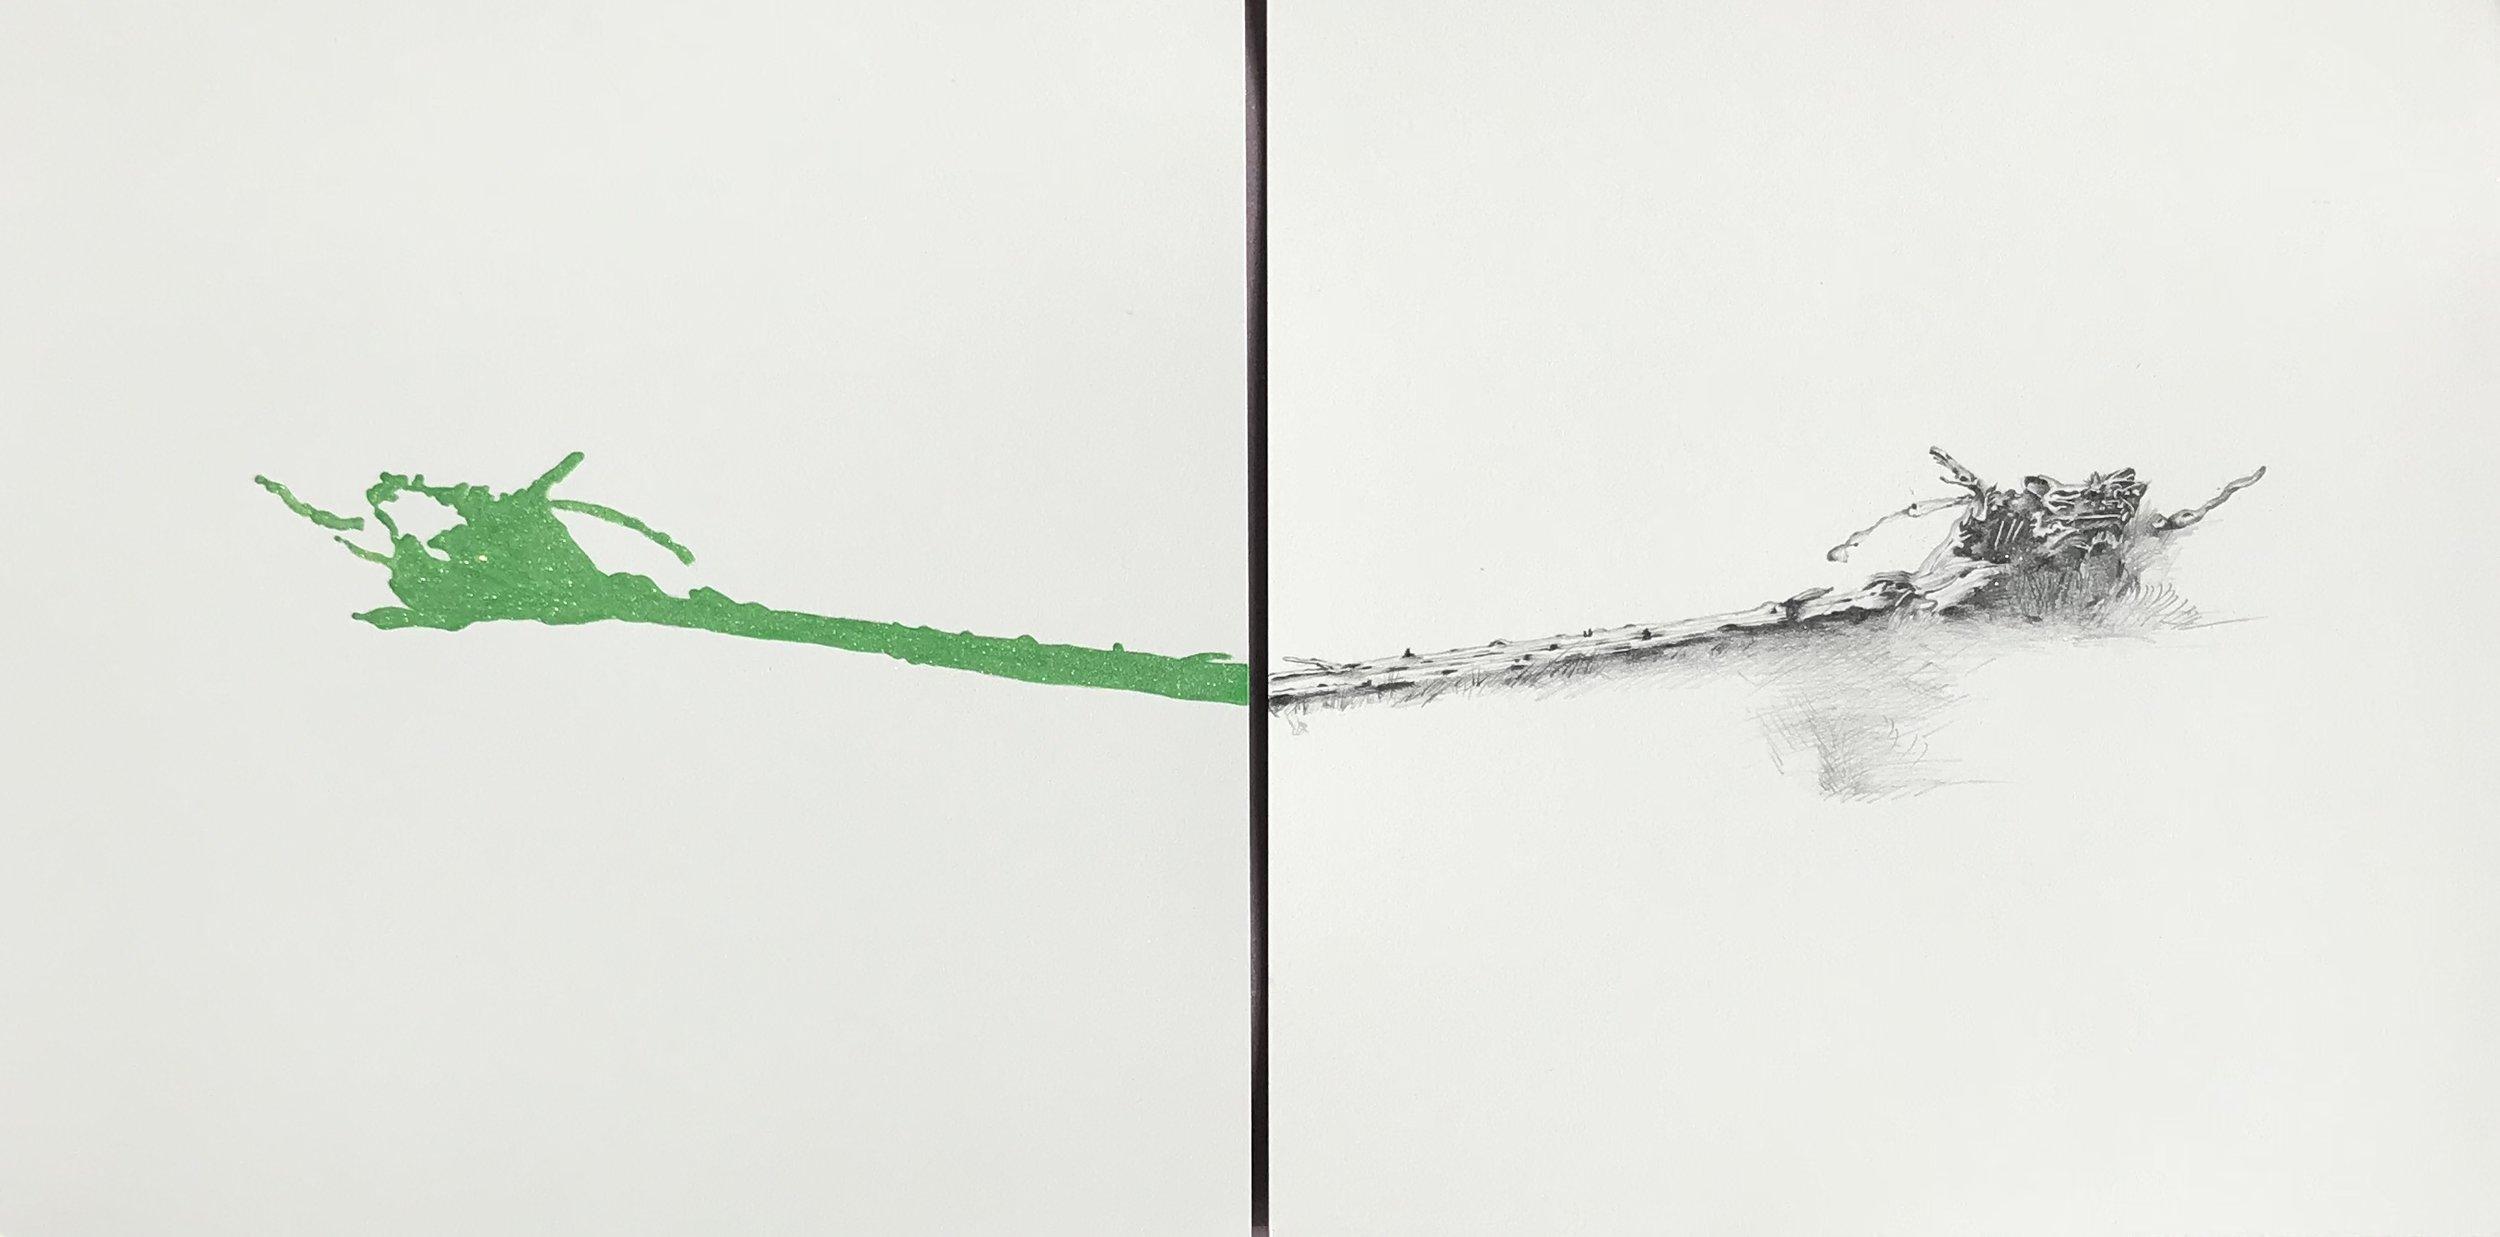 Green Cottonwood by Kiki Gaffney